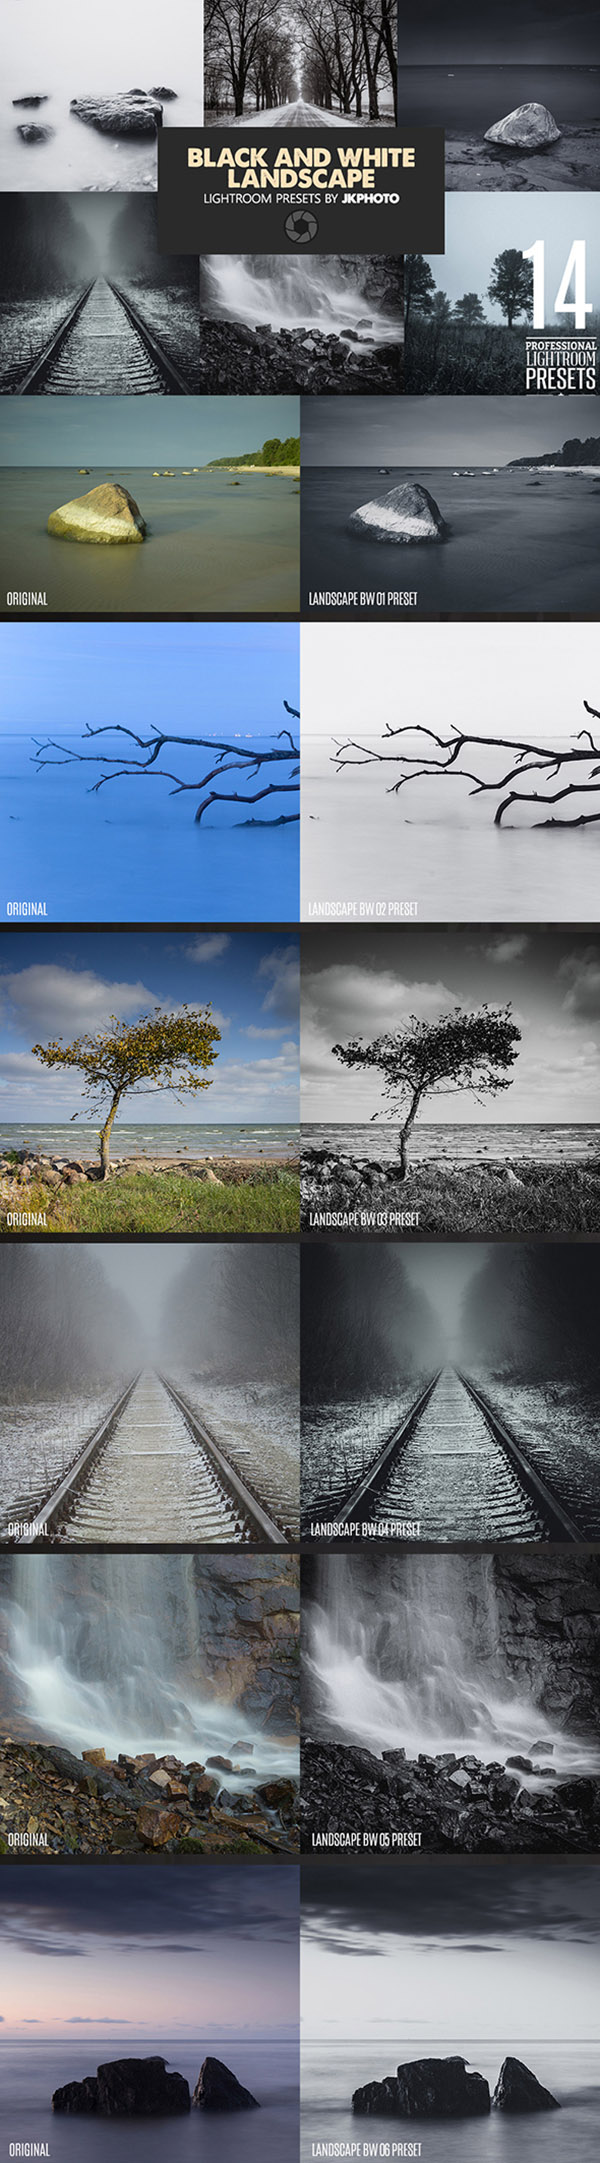 09 14 Black And White Landscape Lightroom Presets